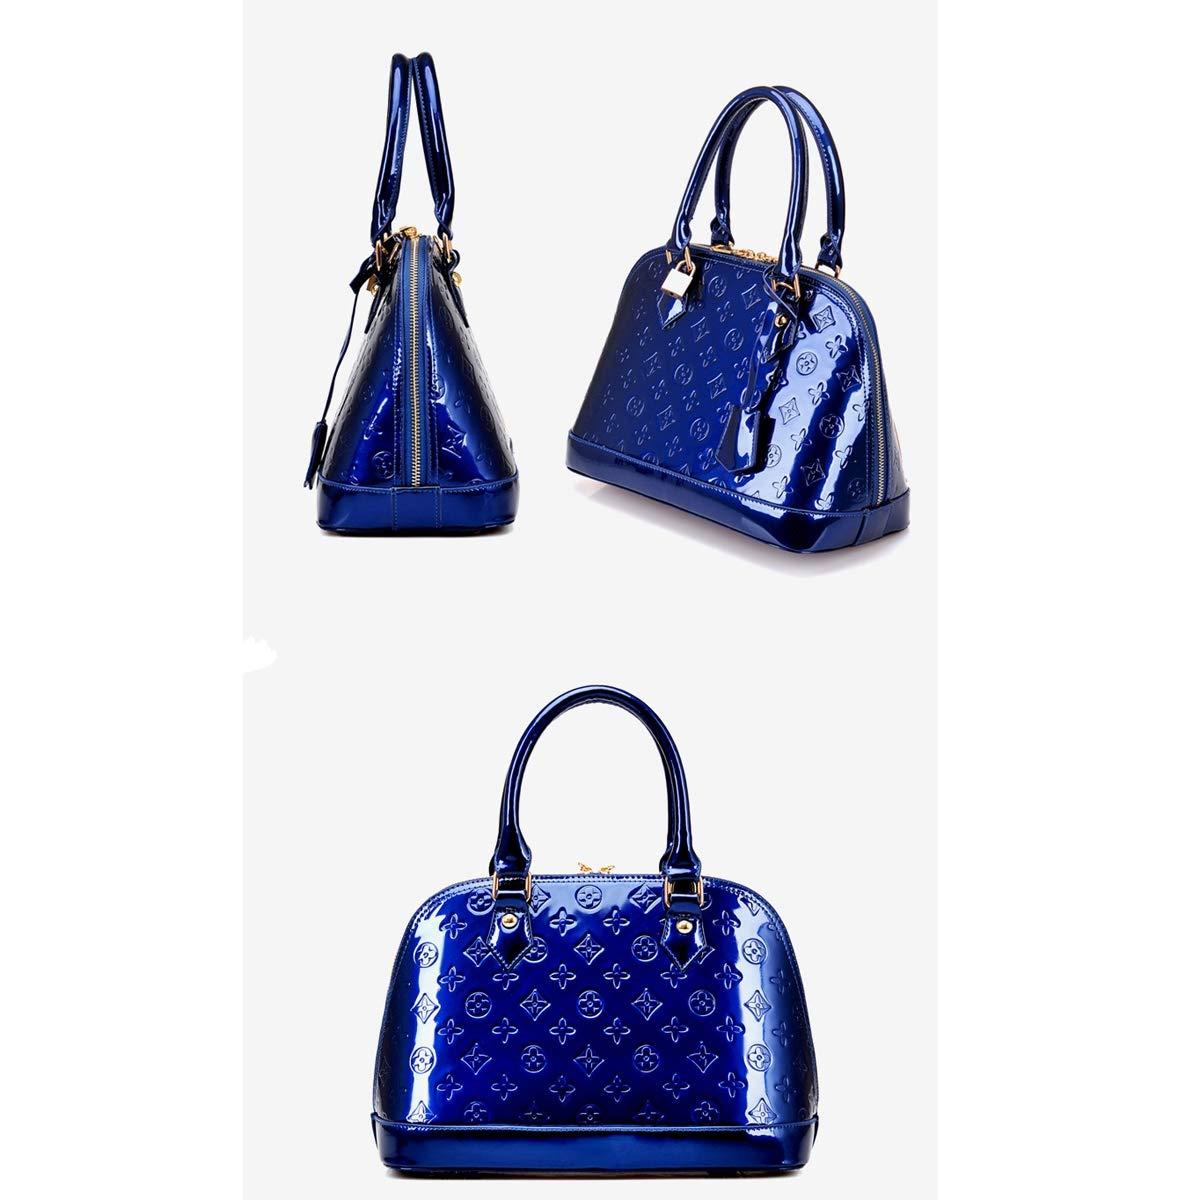 Fashion Patent Leather Handbag Glossy Shell Bag Shoulder Diagonal Bag Female Bag Retro Printing Mummy Bag Two-Piece Purple, 31 * 22 * 15cm